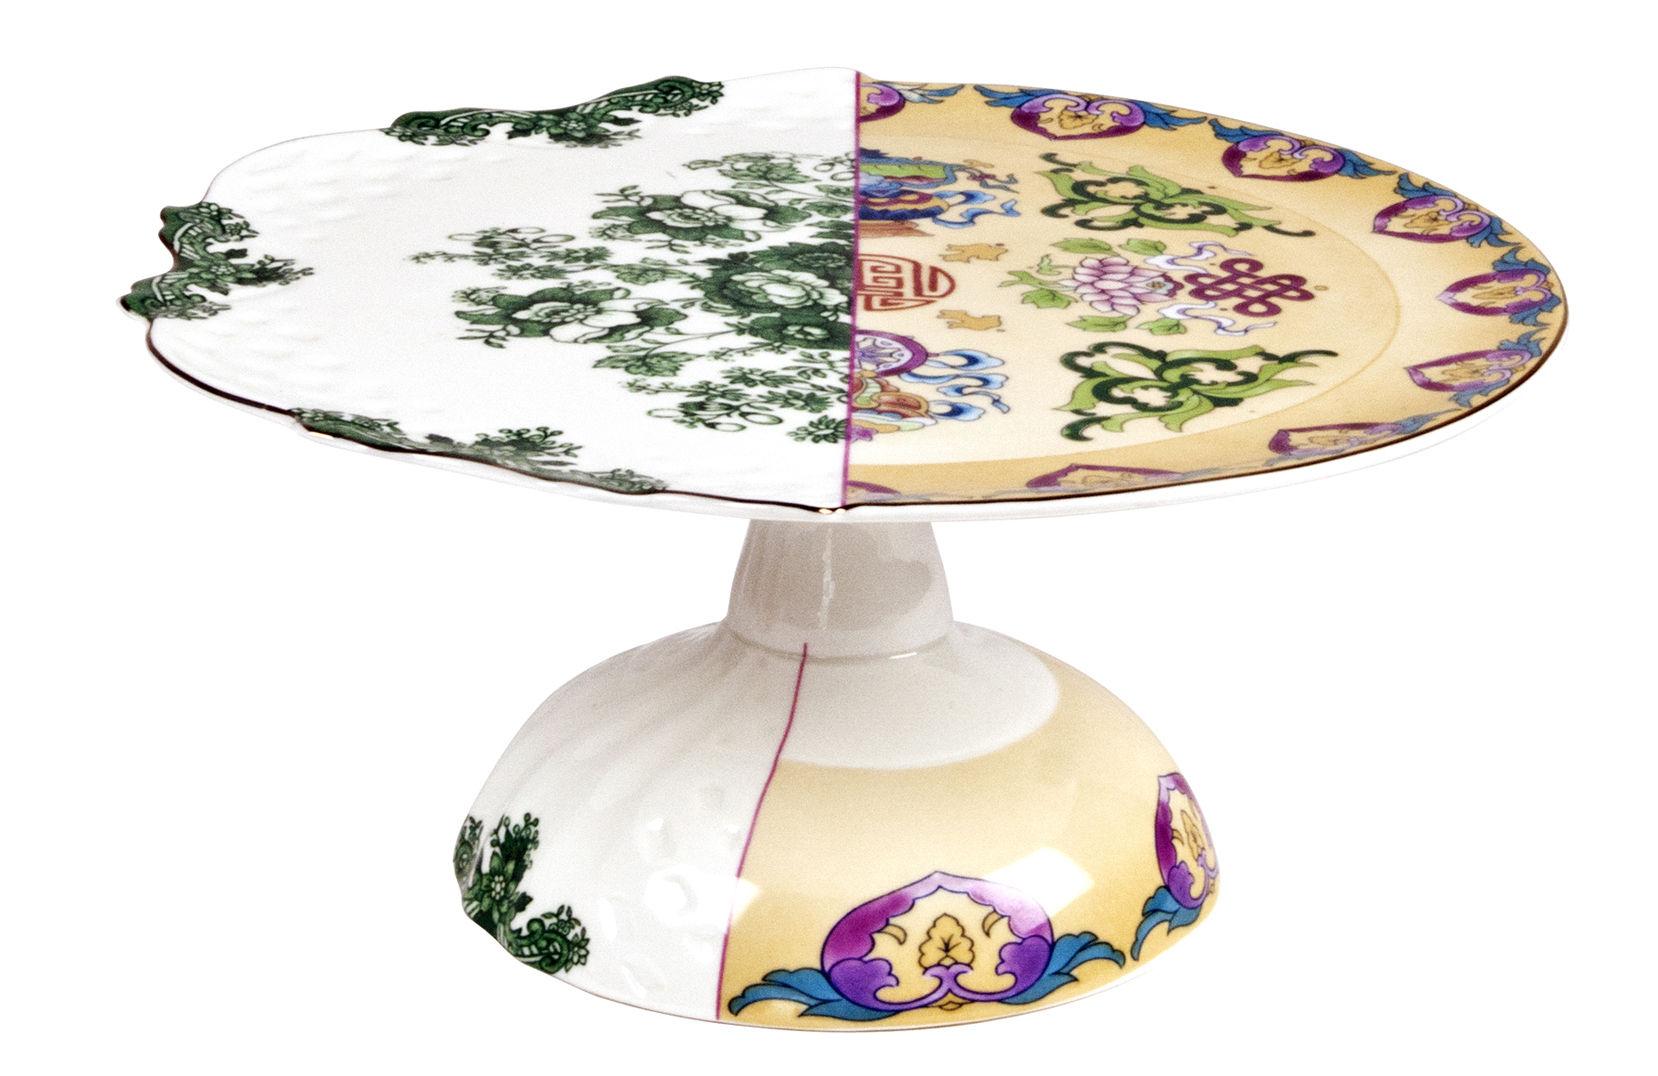 Tischkultur - Platten - Hybrid Raissa Kuchentablett / Ø 26 cm - Seletti - Ø 26 cm / mehrfarbig - chinesisches Weich-Porzellan